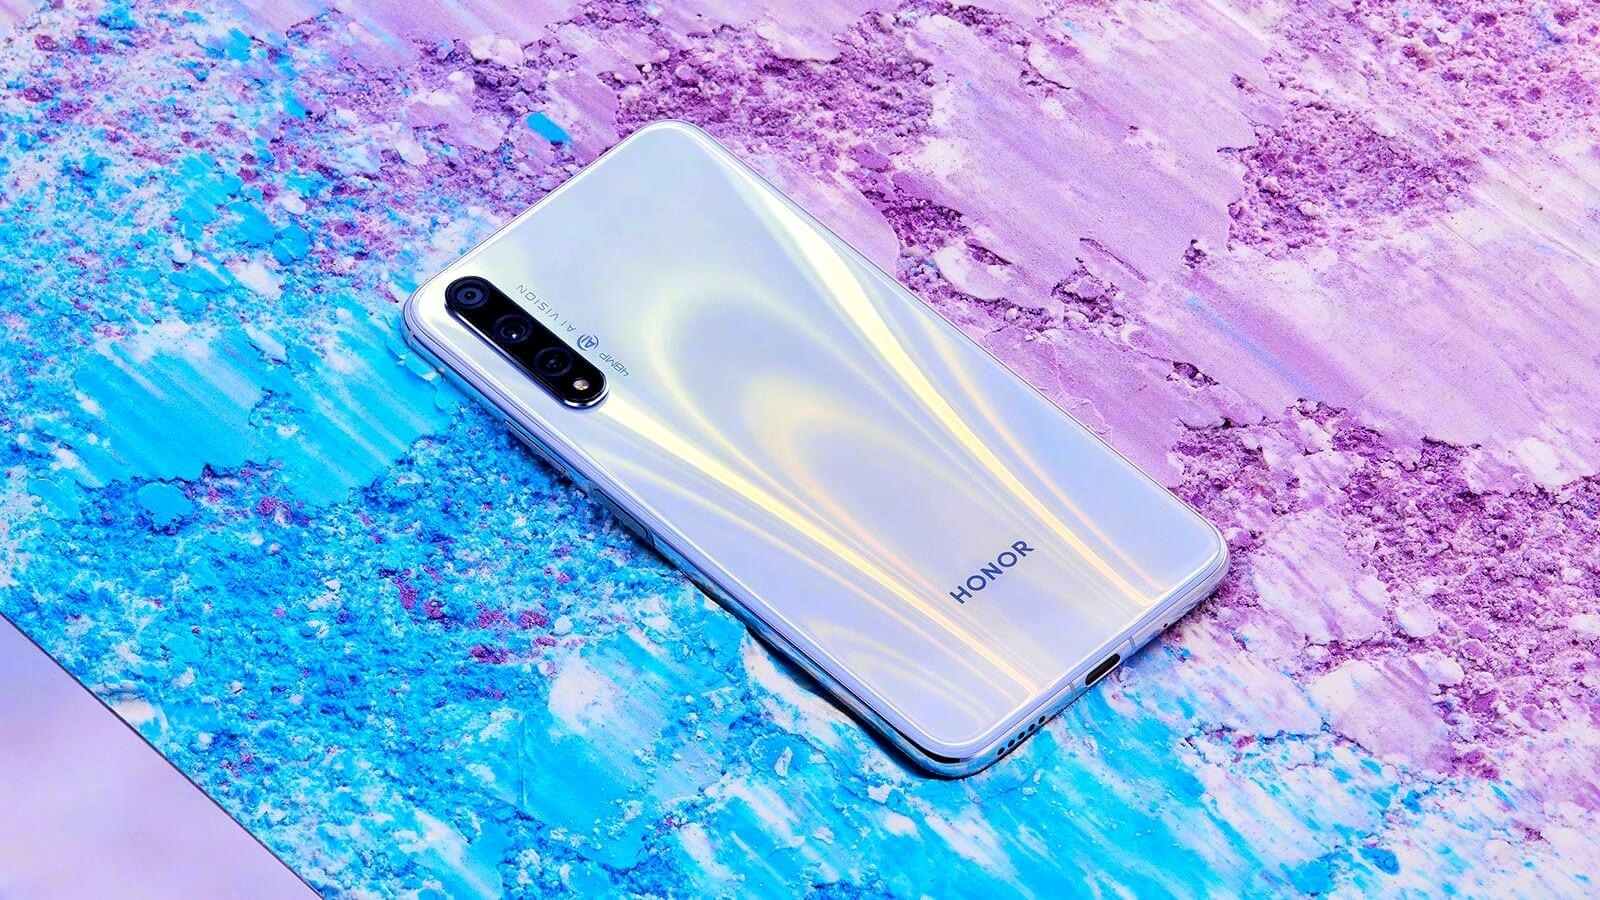 مزايا وعيوب هاتف Honor 20S أحدث هواتف فئة Honor 20 المتميزة